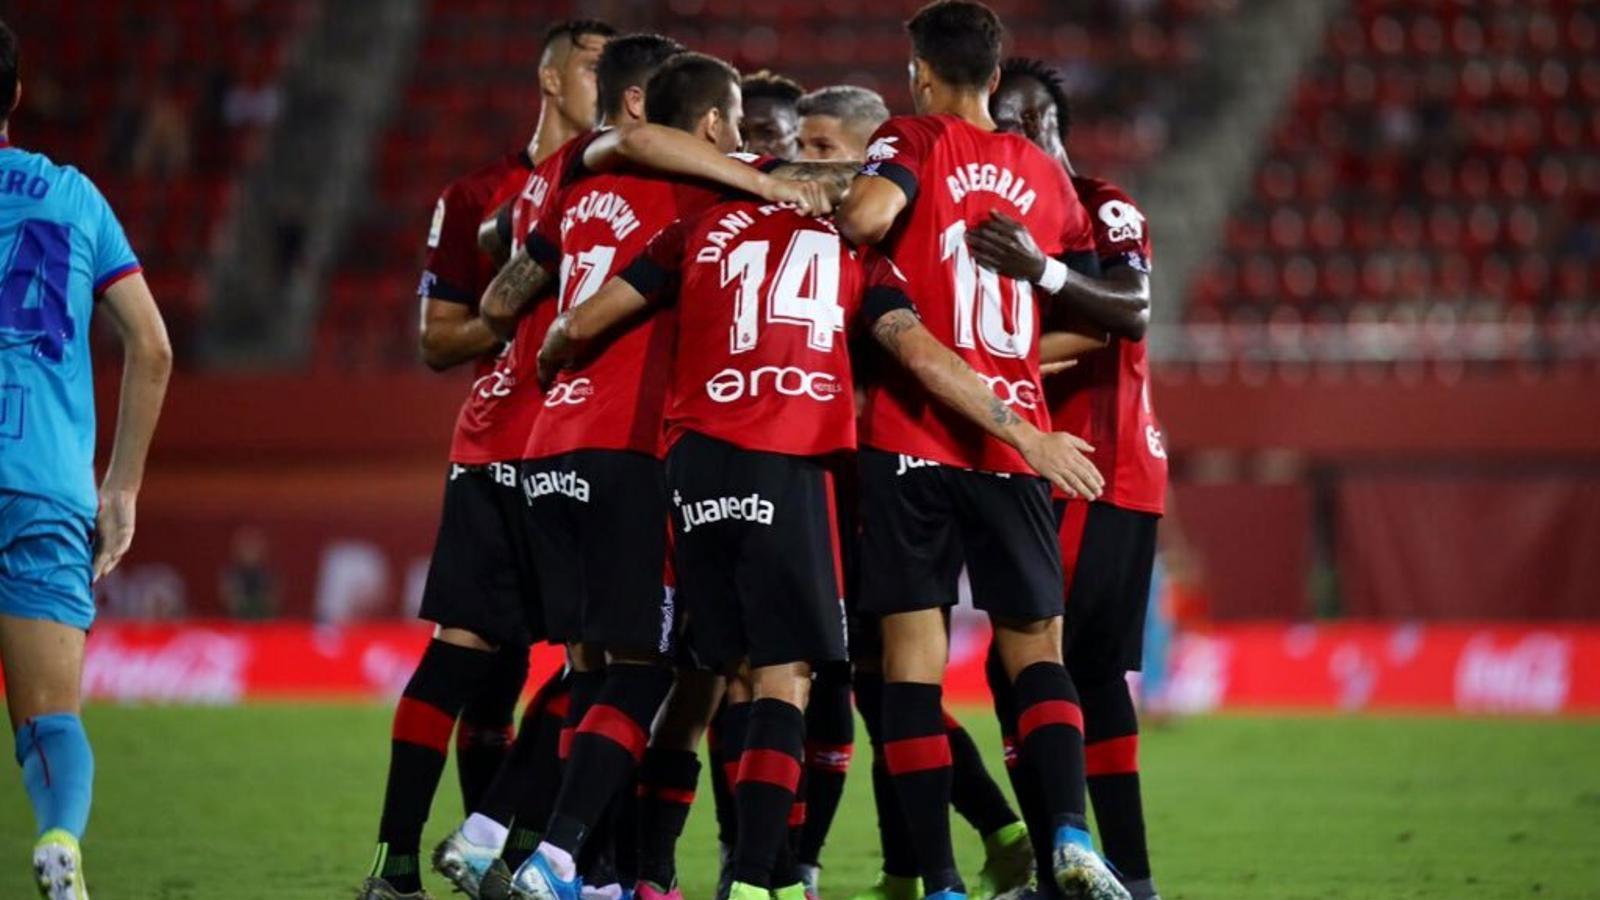 Els jugadors del Mallorca celebren el gol de la victòria